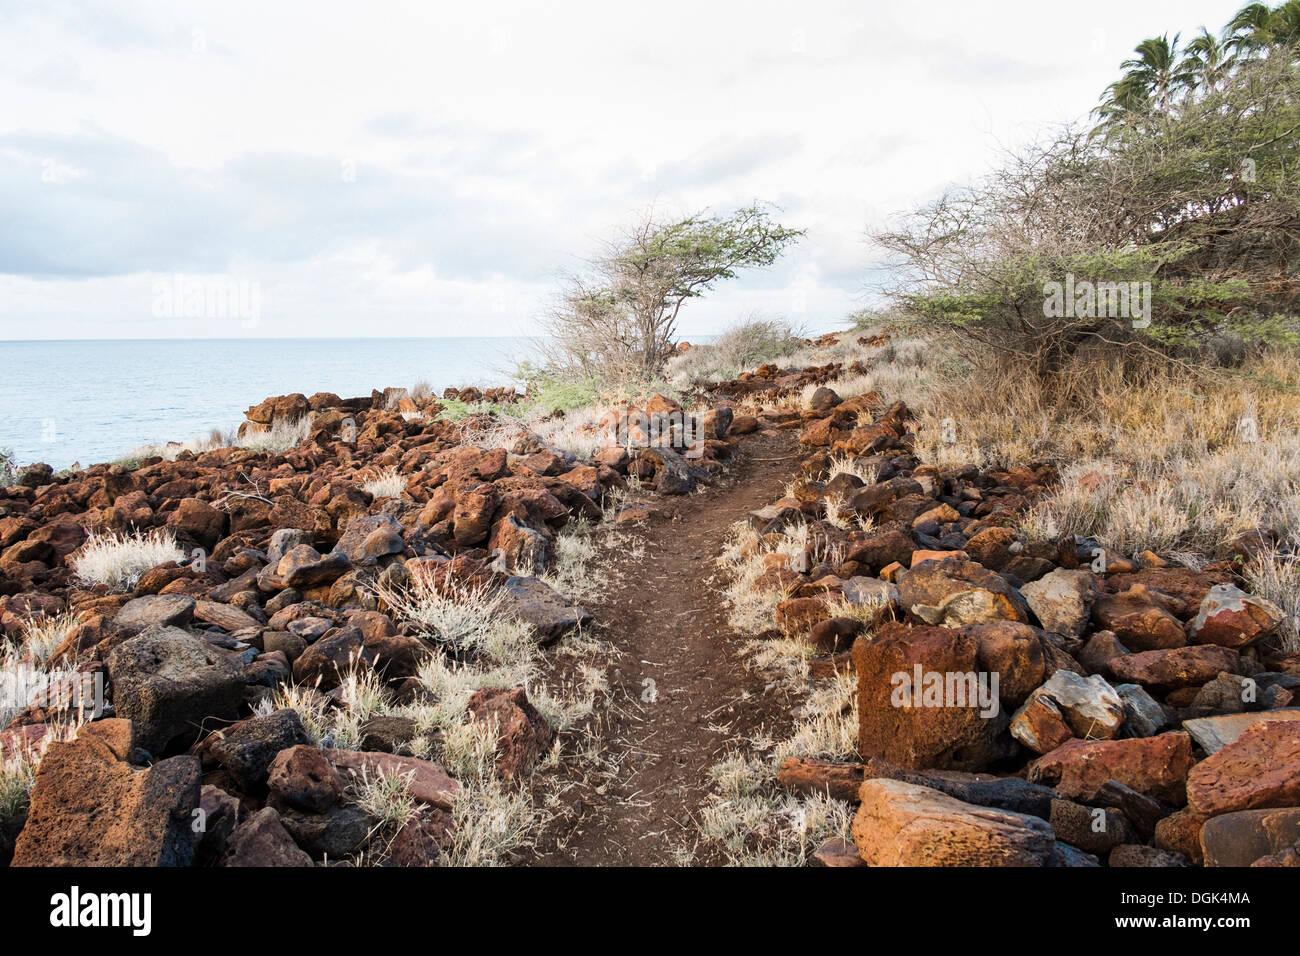 Lanai City Hawaii Stock Photos & Lanai City Hawaii Stock Images - Alamy